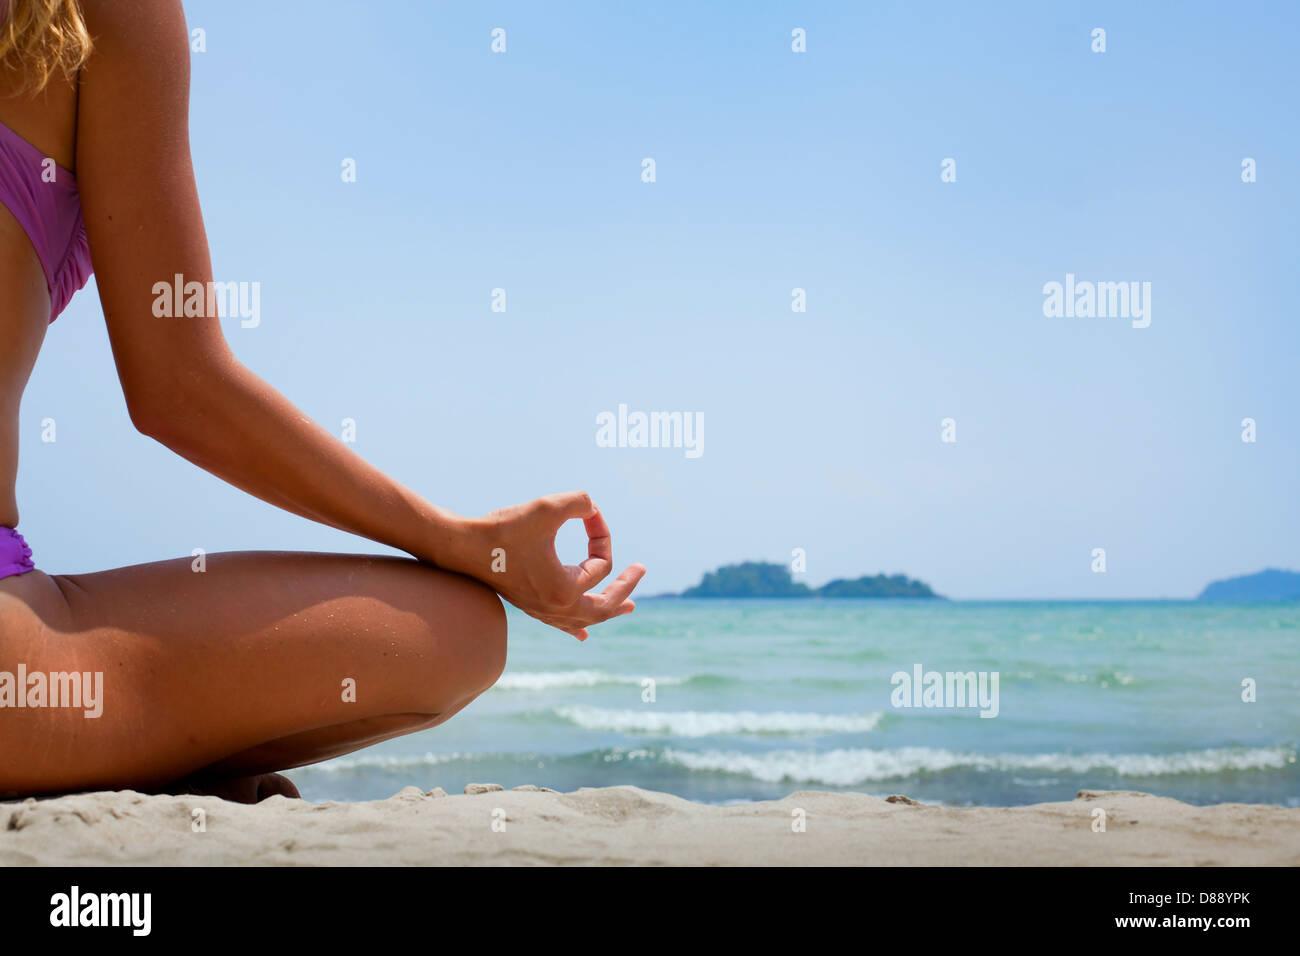 Sfondo di yoga, donna nella posizione del loto meditando sulla spiaggia Immagini Stock